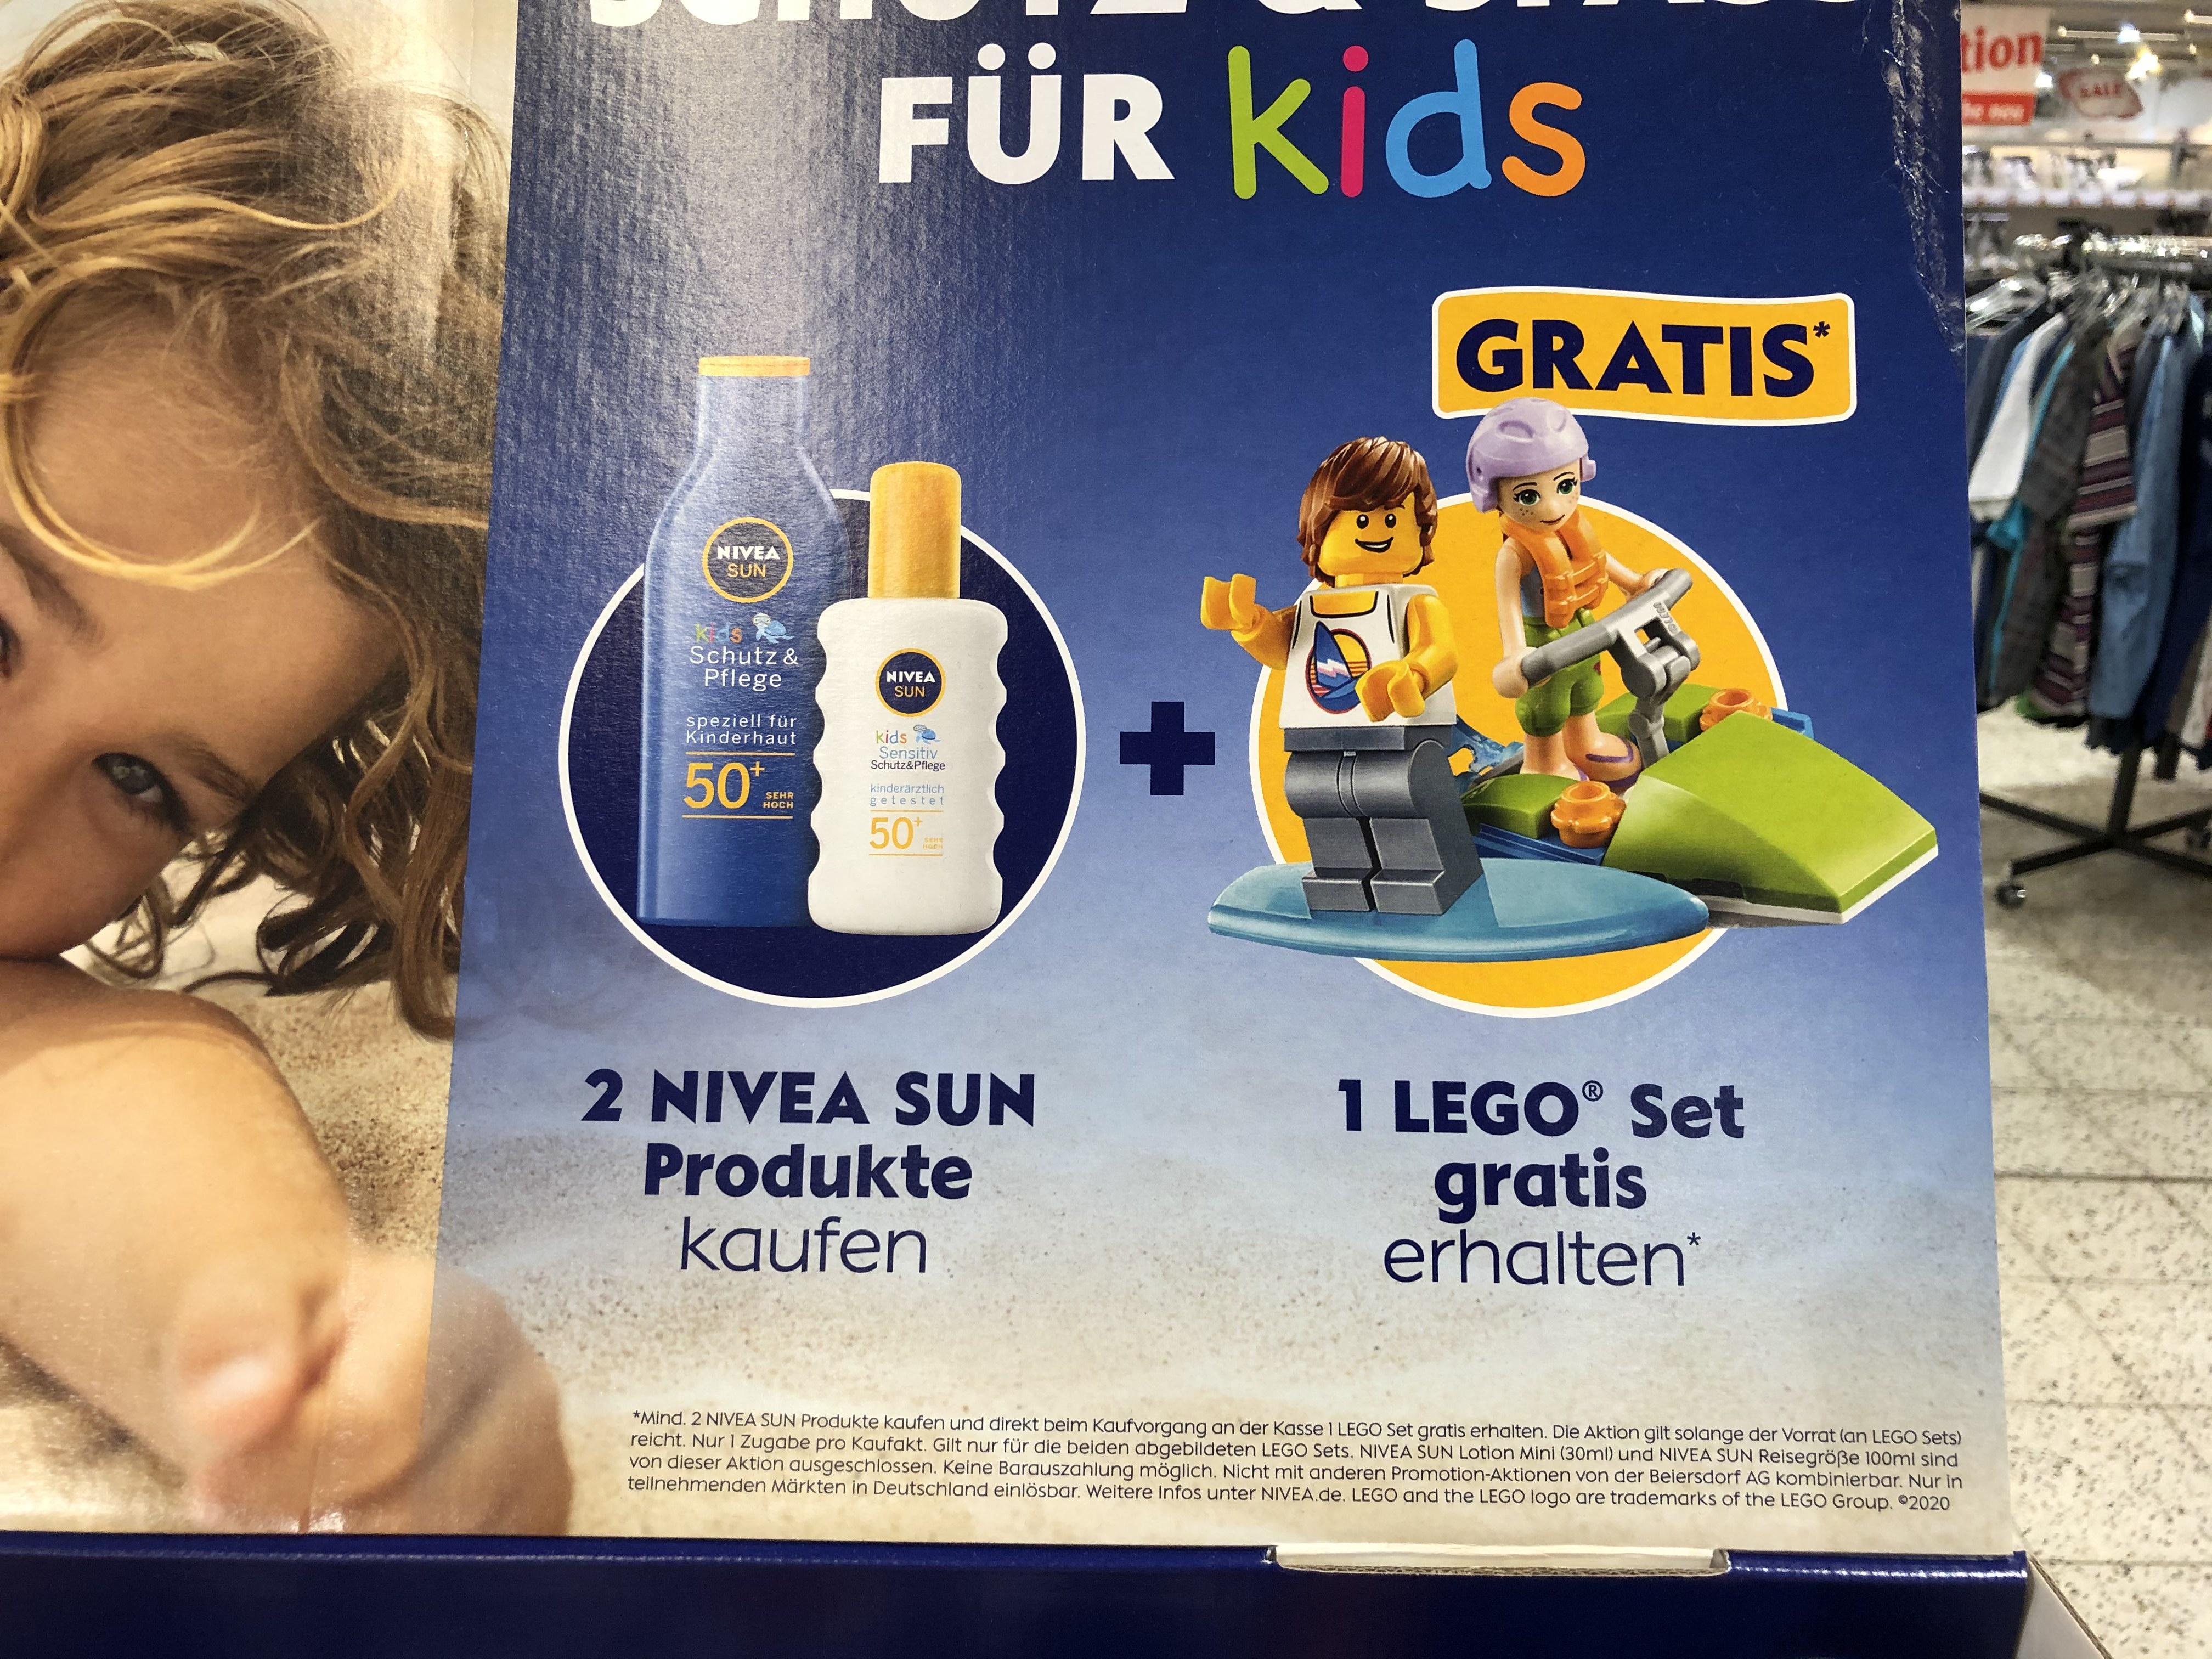 [Offline Globus]Nivea Aktion - Zwei mal Sonnenmilch kaufen, 1 Lego Set Gratis